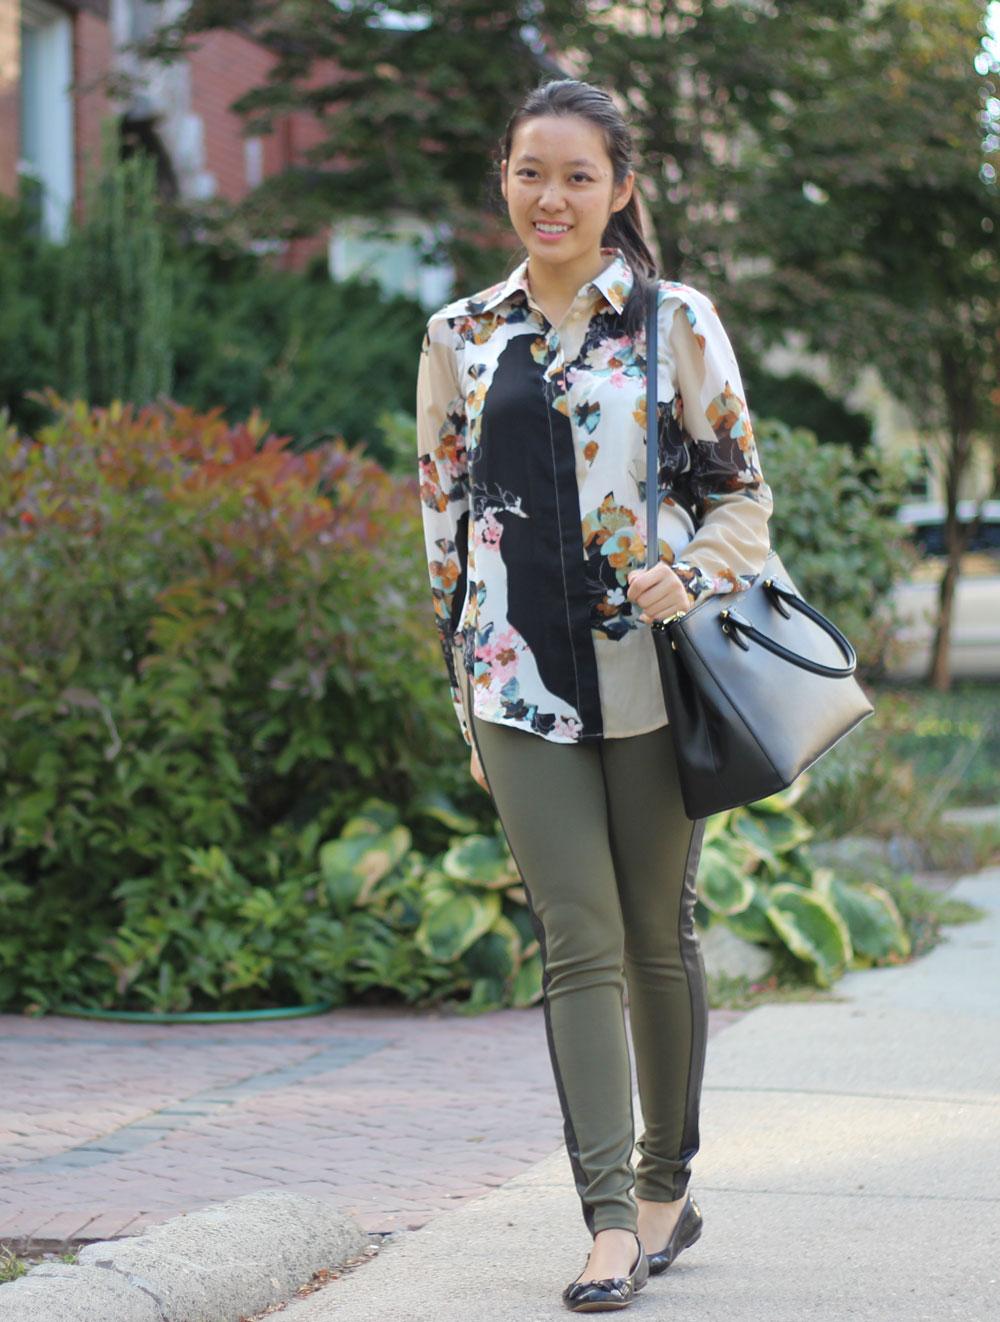 Ralph Lauren Newbury Double Zip satchel with shoulder strap